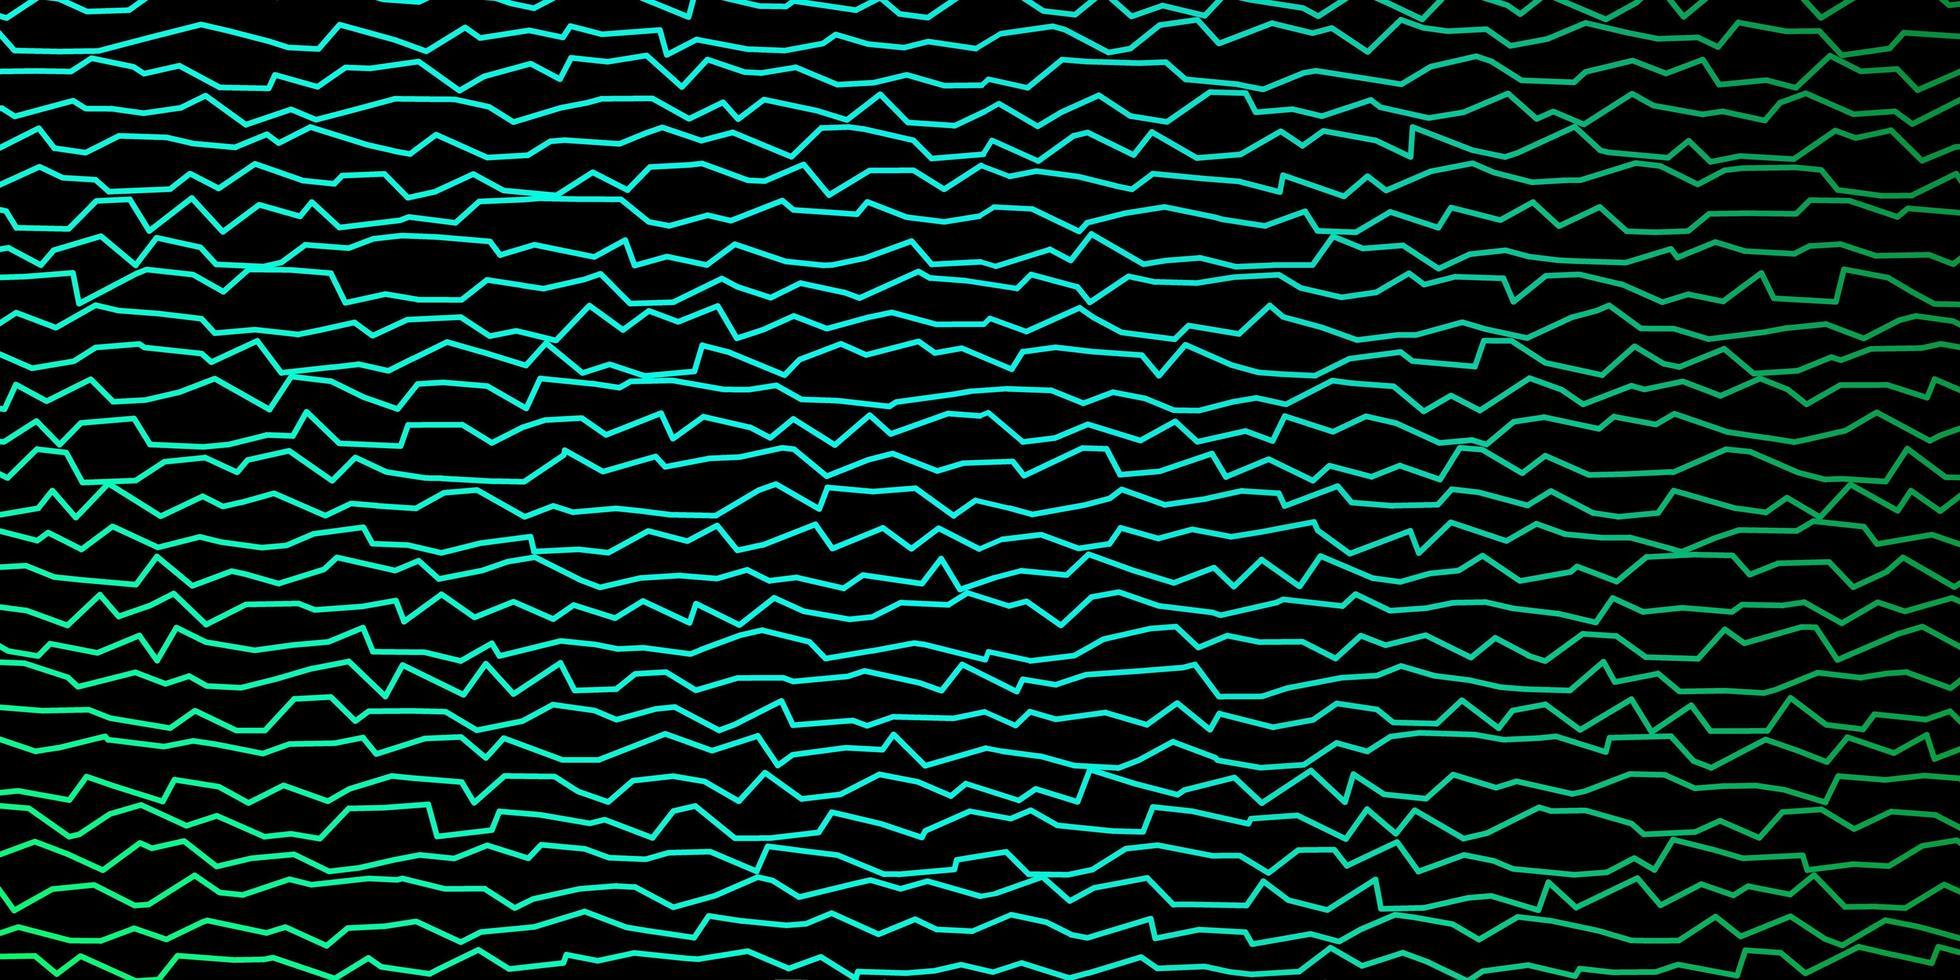 modelo de vetor verde escuro com linhas curvas.